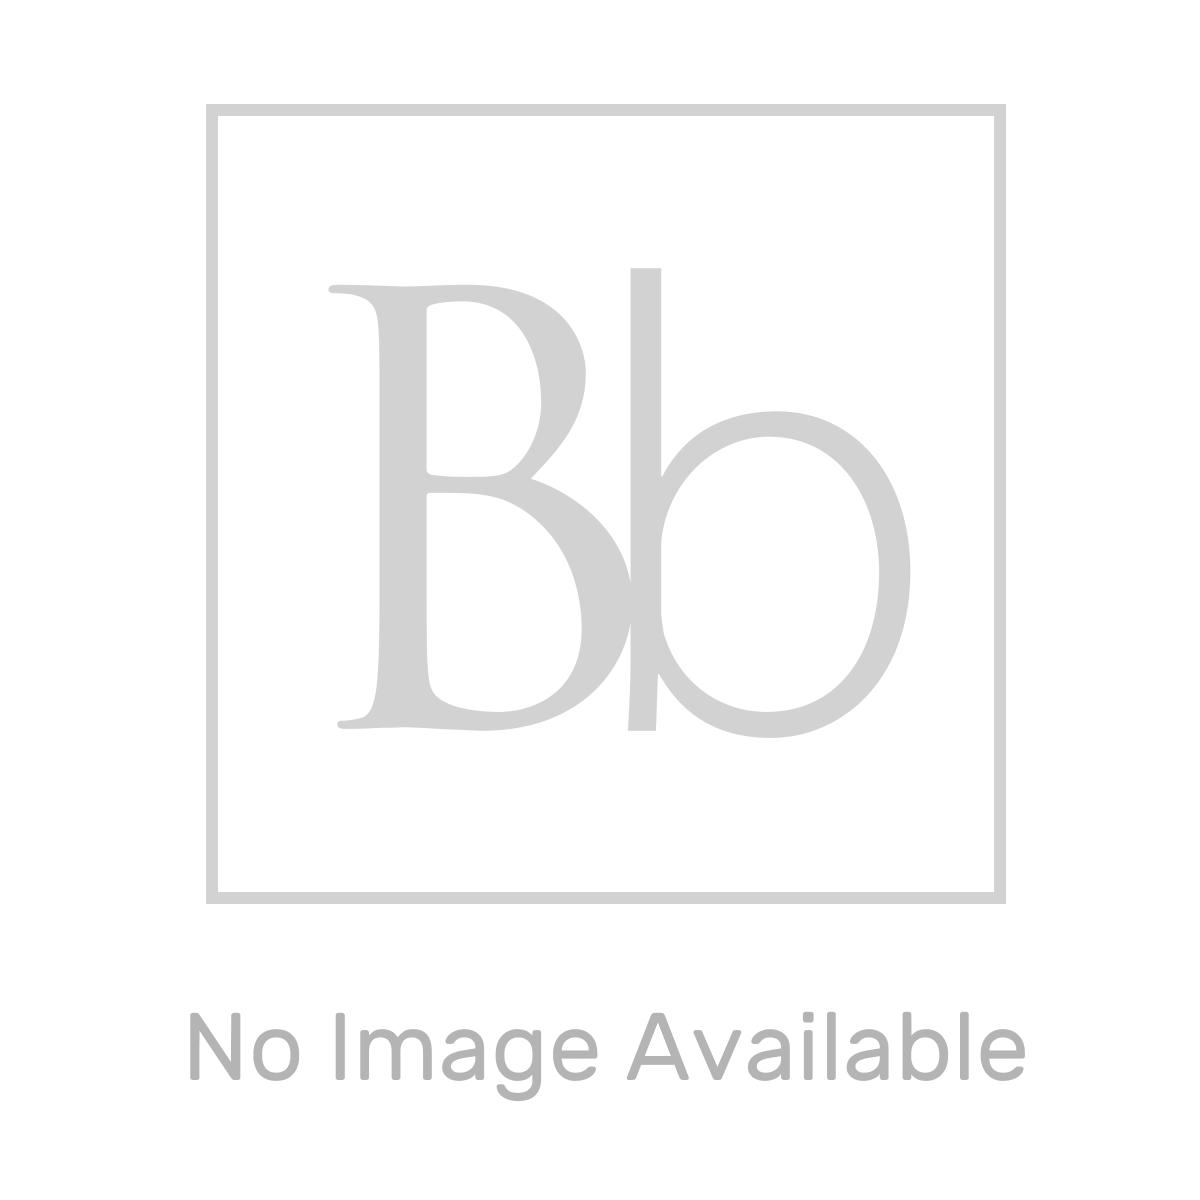 Frontline Slimline Rectangular Shower Tray 1000 x 760mm